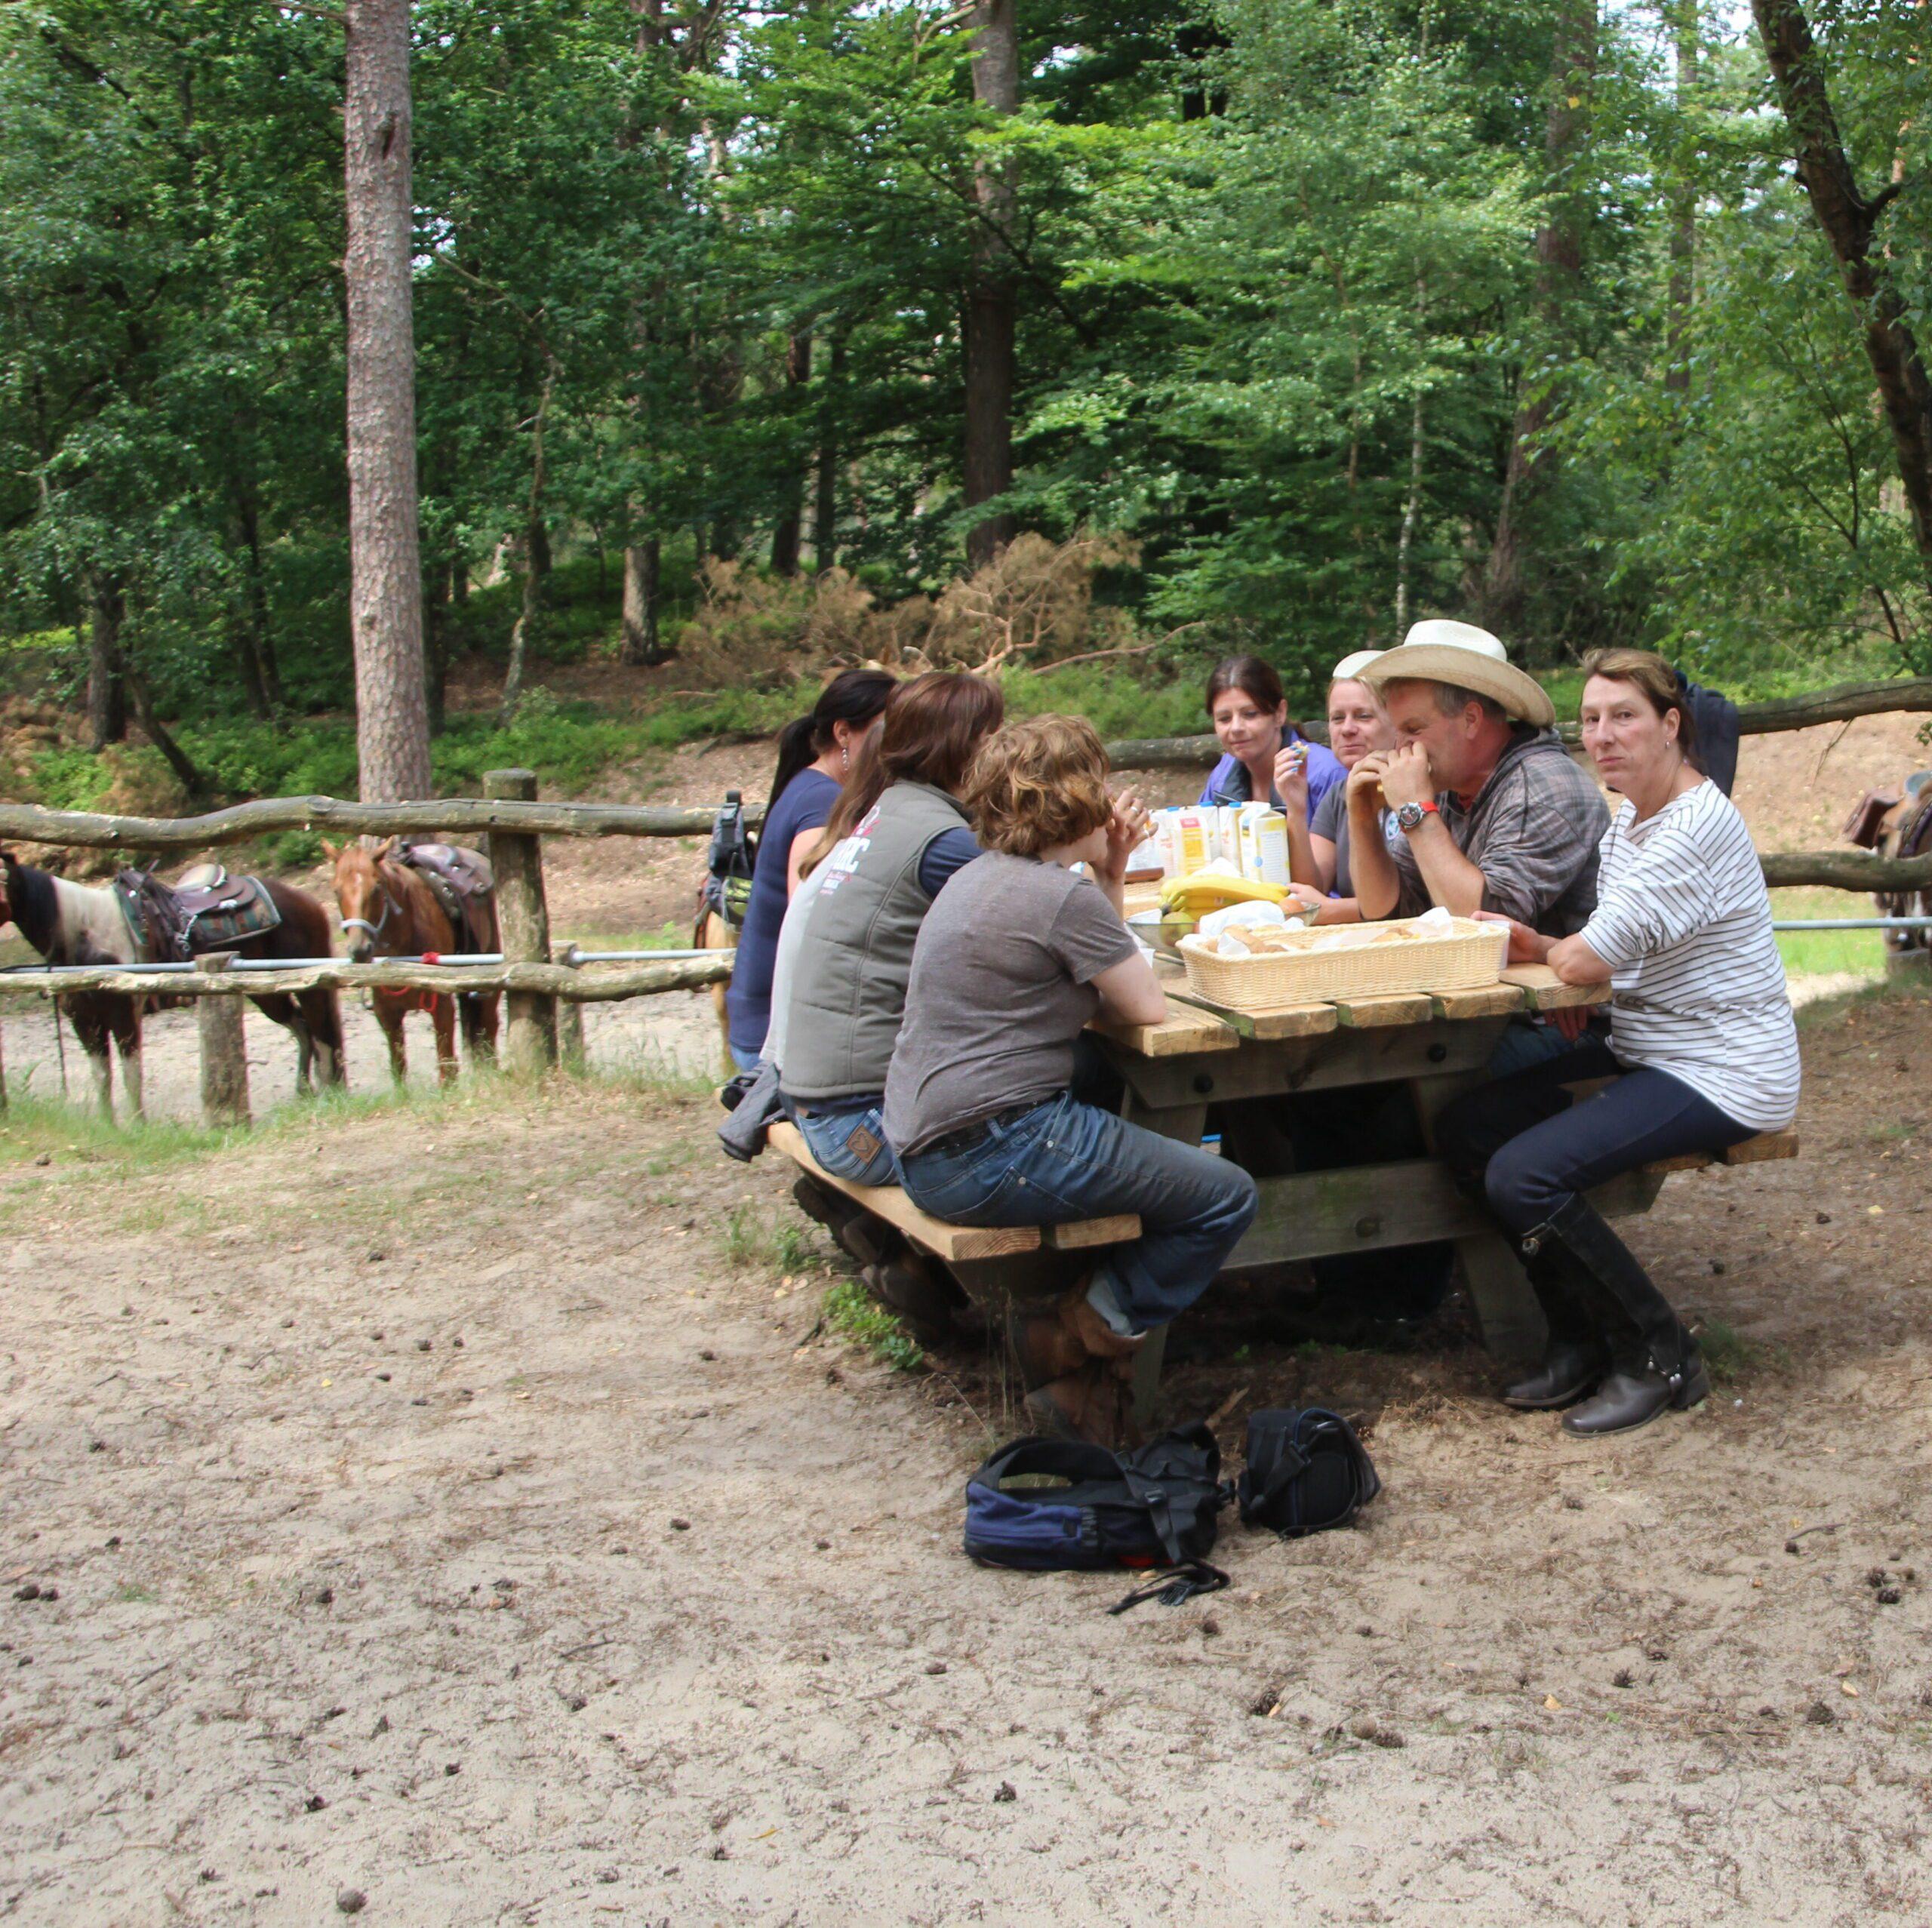 Picknick naast de paarden tijdens de  dagtocht van The Mill Ranch door het Nationale Park de Hoge Veluwe